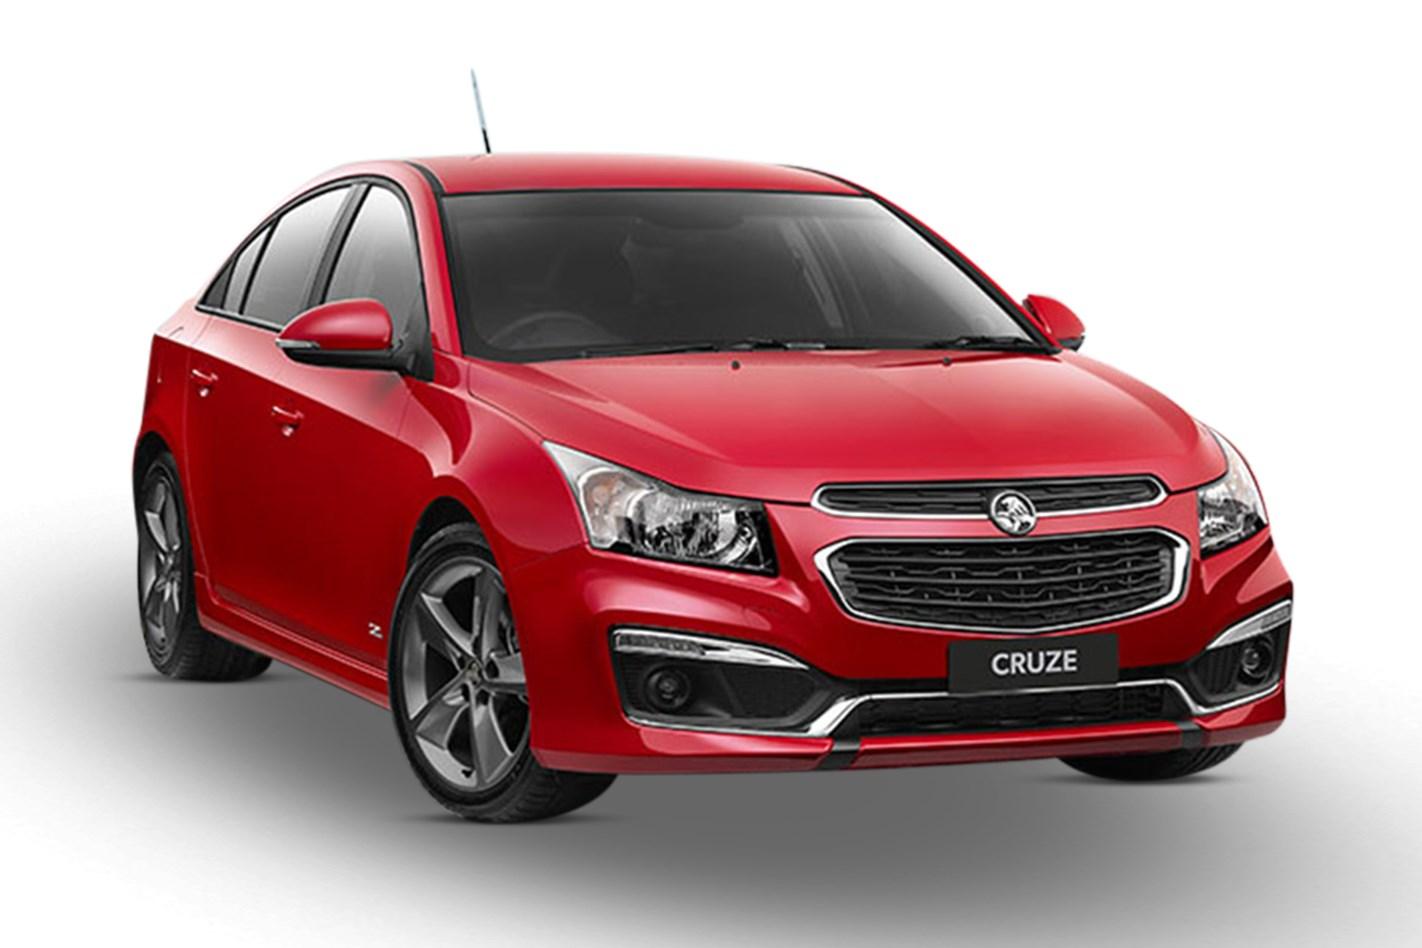 Holden Cruze Equipe Petrol Manual Sedan